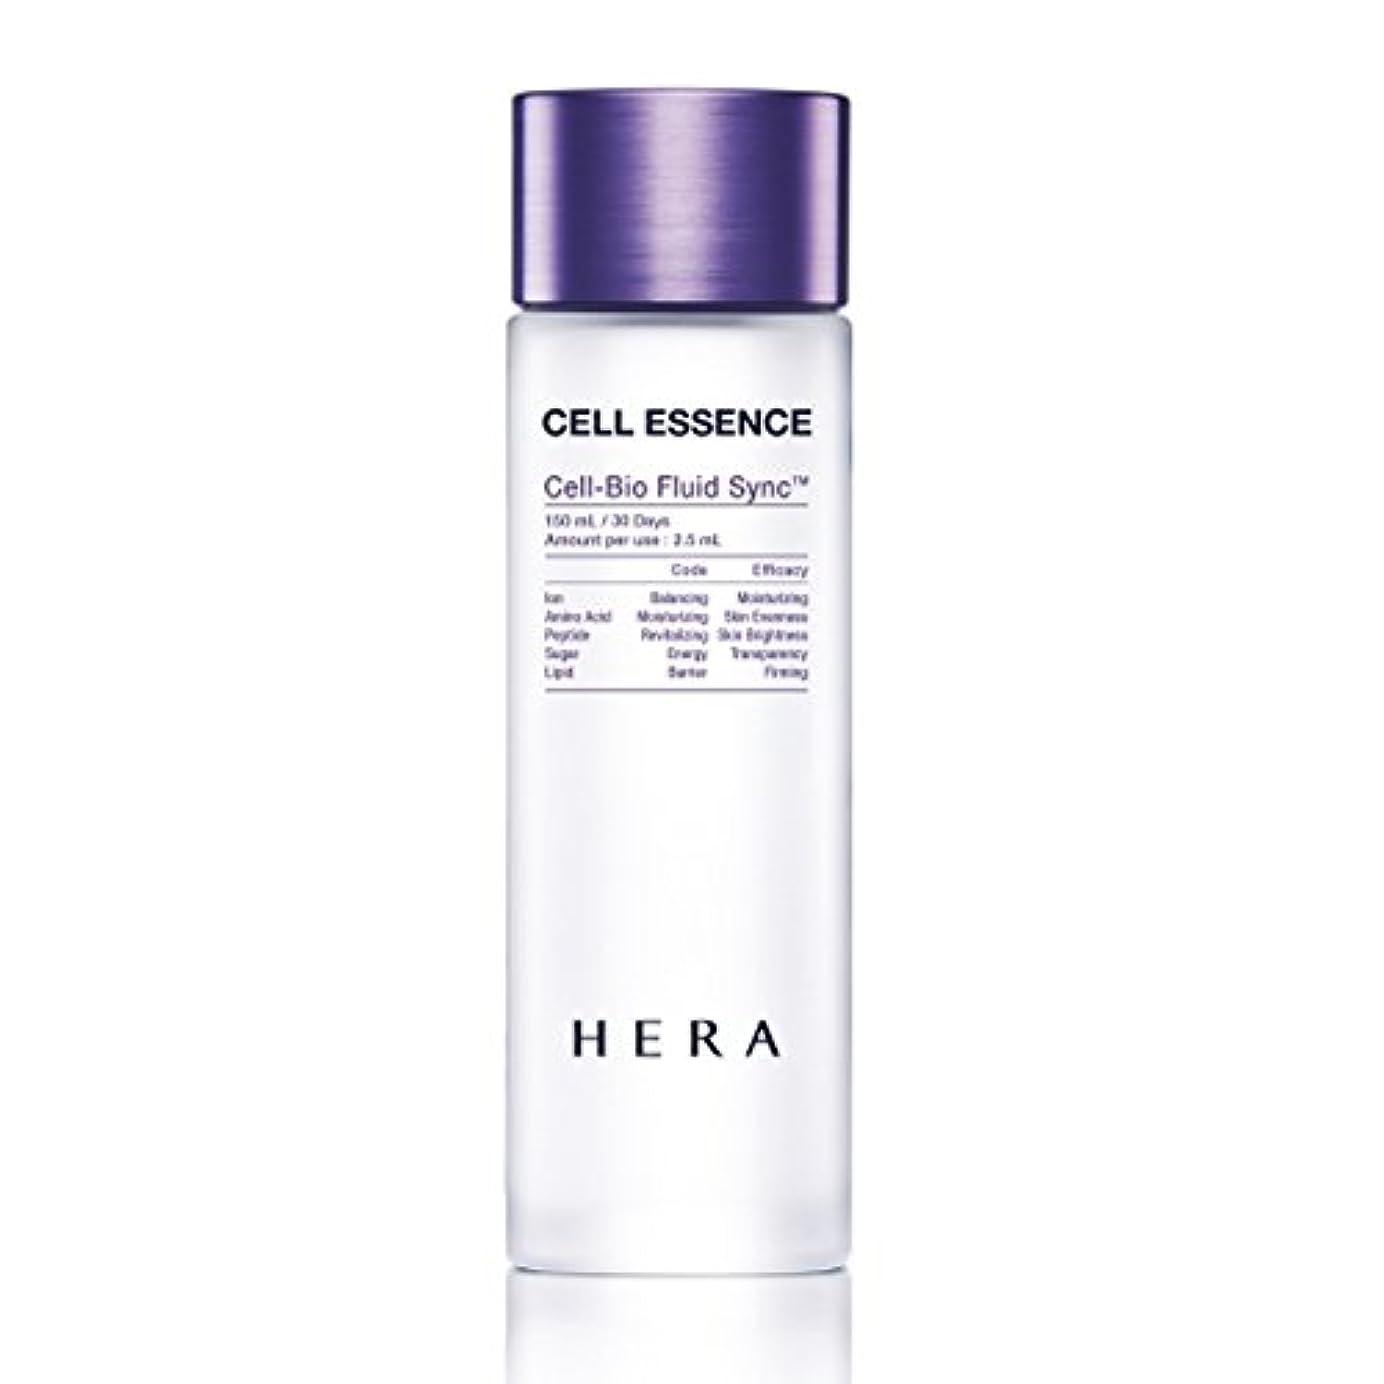 ラッカスインペリアル開拓者[ヘラ/HERA]HERA CELL ESSENCE/ヘラ セル エッセンス 150ml【美容液】(海外直送品)